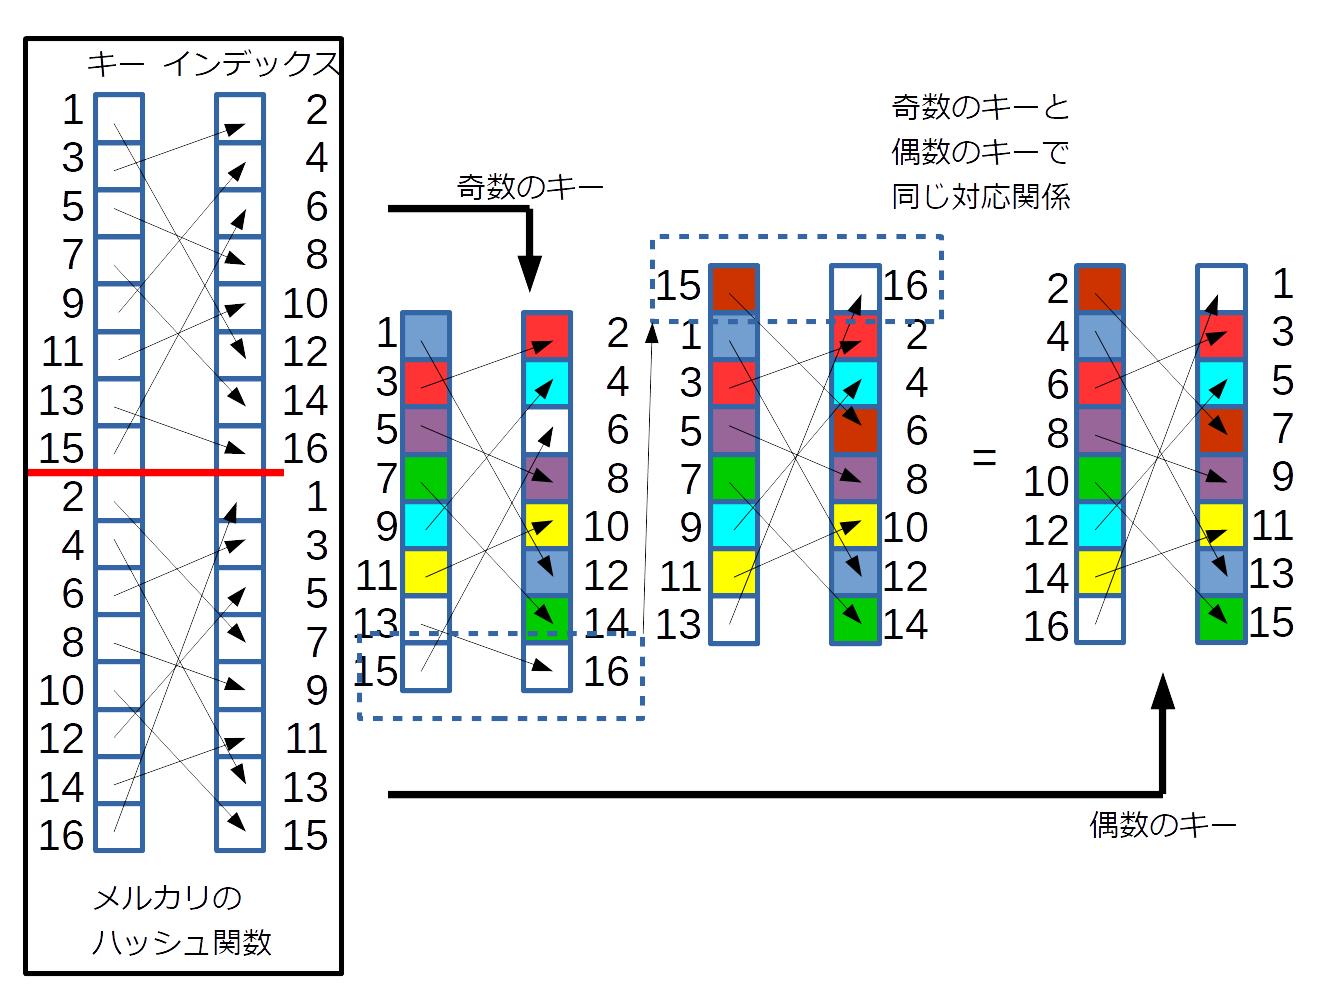 メルカリのハッシュ関数にはパターンがある